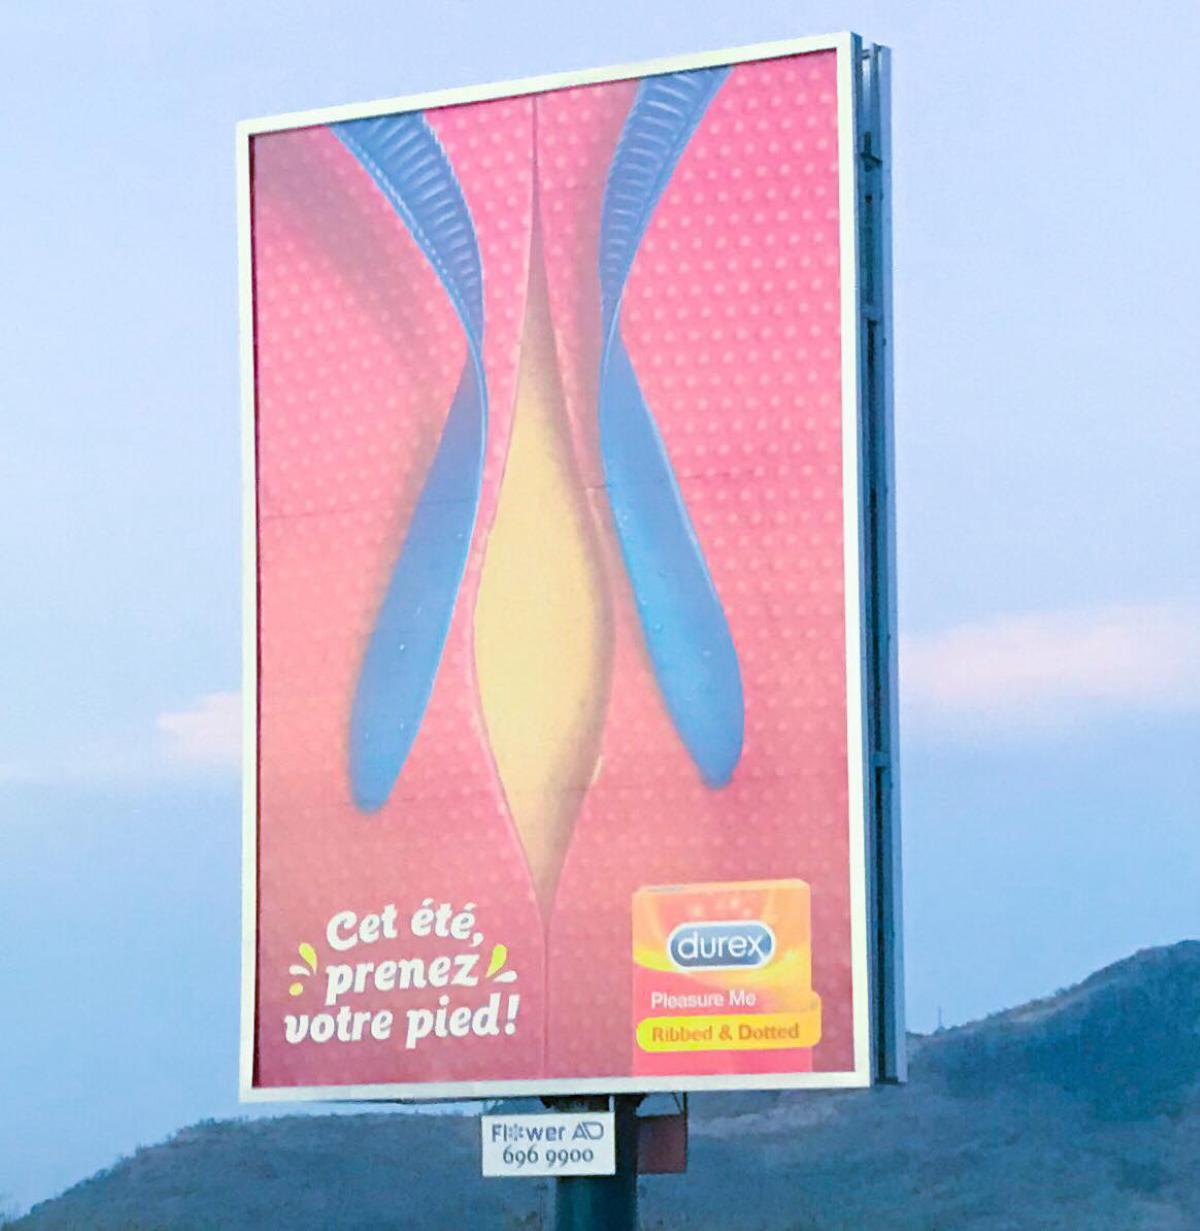 Une campagne publicitaire de Durex fait la polémique